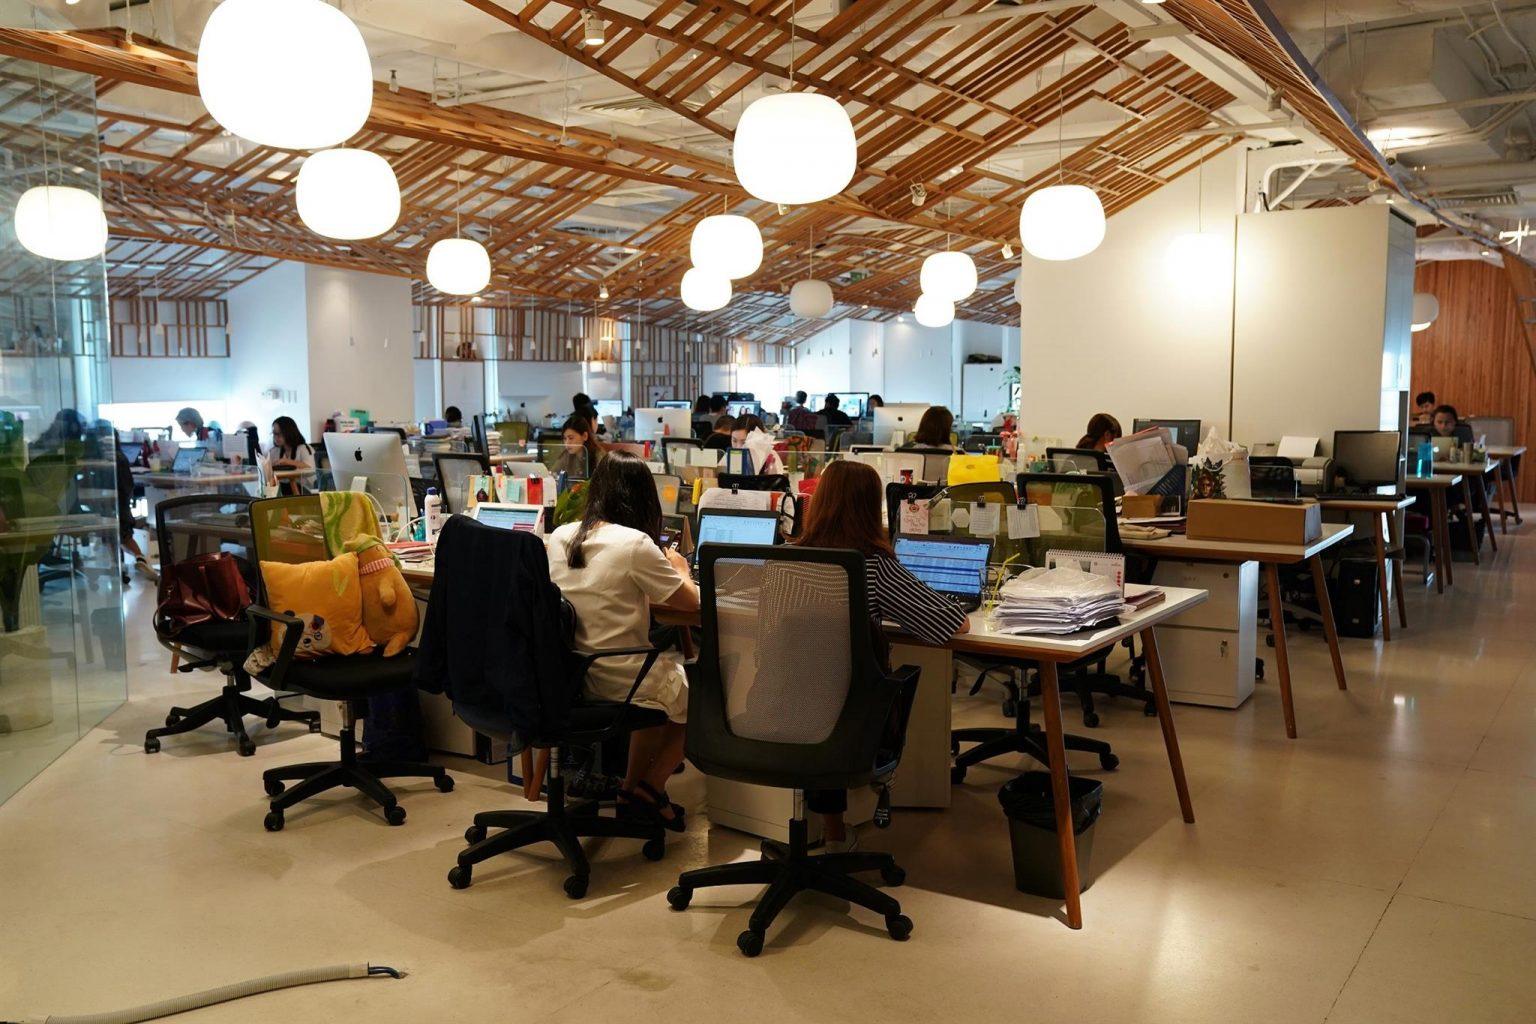 7 Ý tưởng thiết kế văn phòng tiện nghi